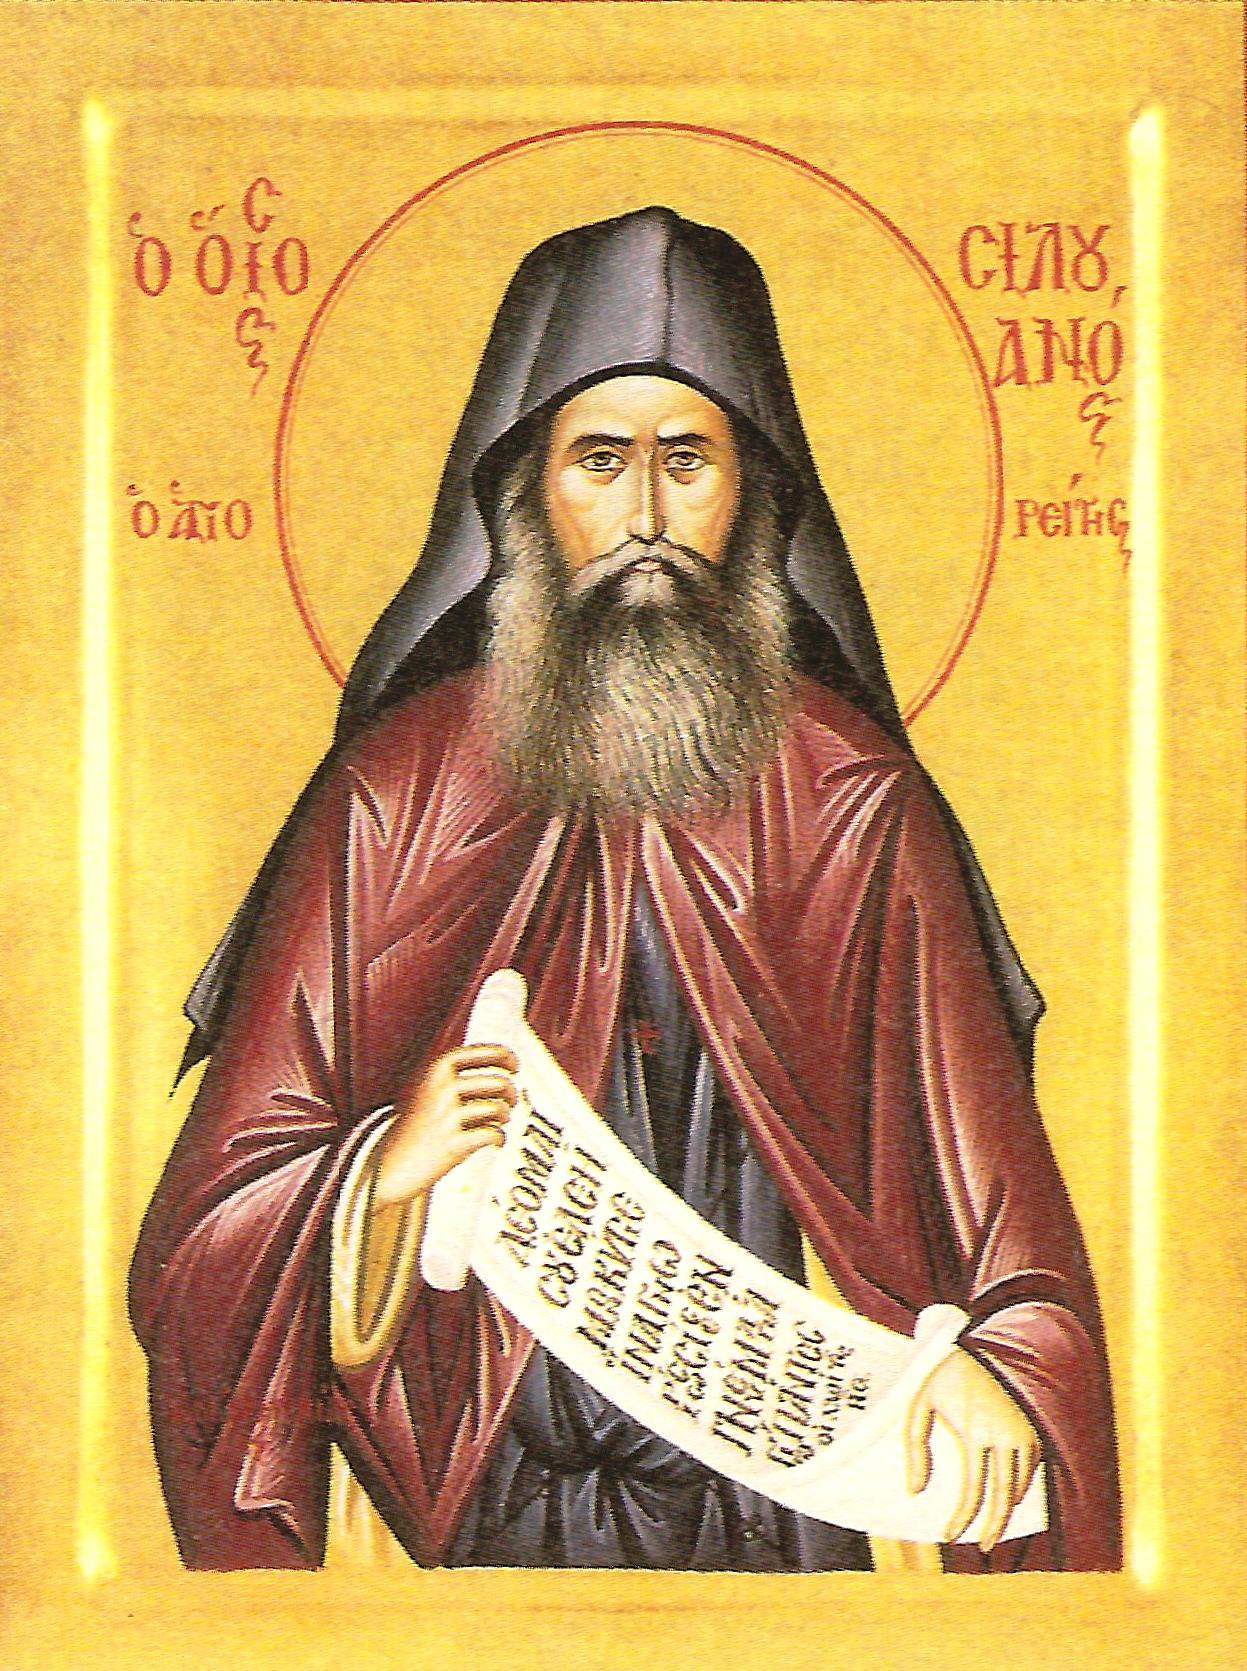 Ιερά Μητρόπολις Κηφισίας Αμαρουσίου και Ωρωπού